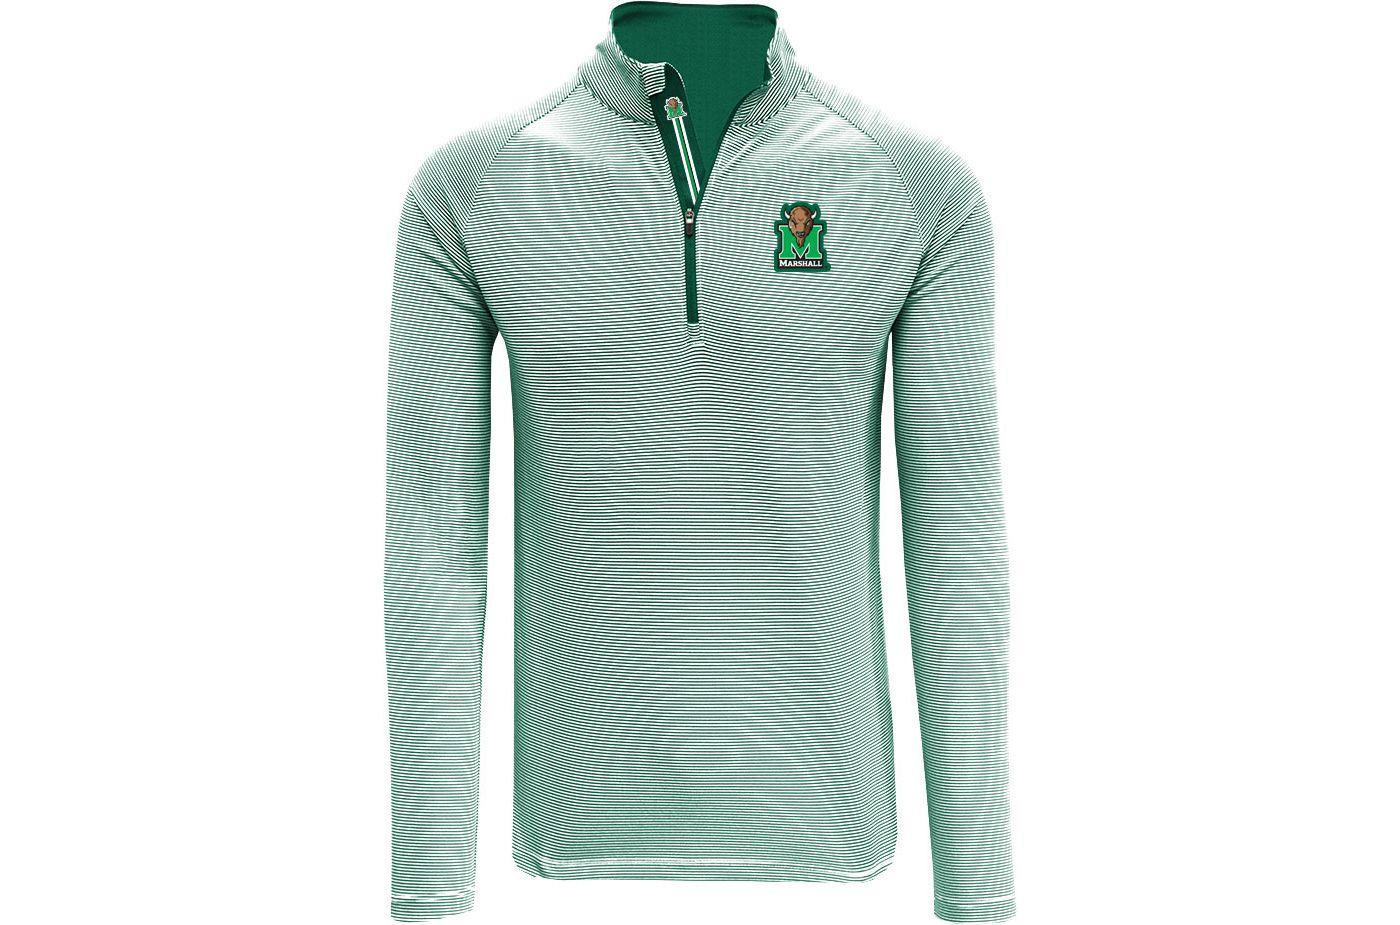 Levelwear Men's Marshall Thundering Herd Green Orion Quarter-Zip Shirt